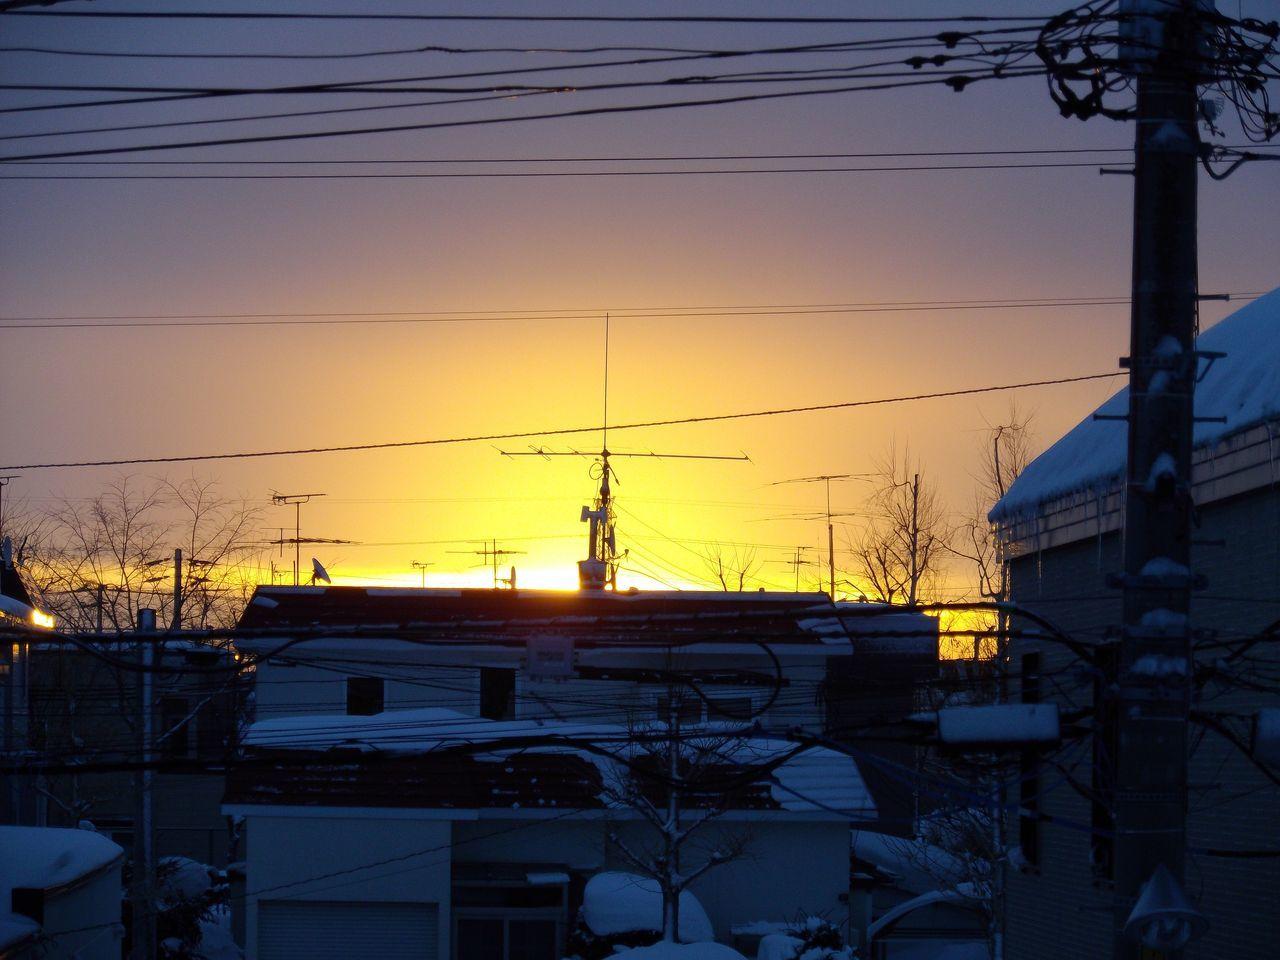 日の出の瞬間だけの太陽観察_c0025115_19595006.jpg